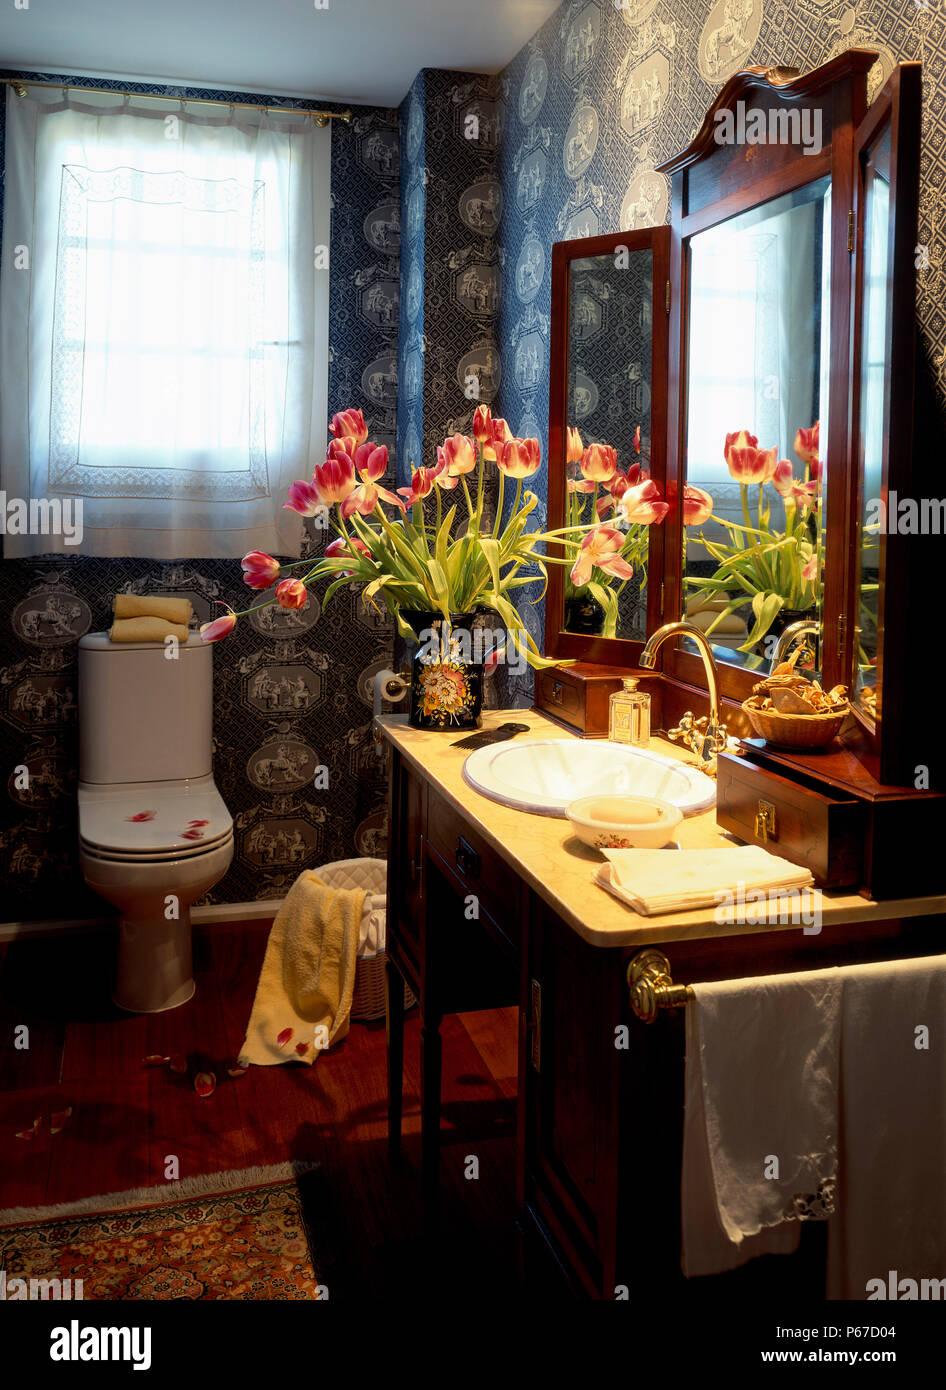 Blick auf die schönen Blumen im Badezimmer Stockfoto, Bild ...